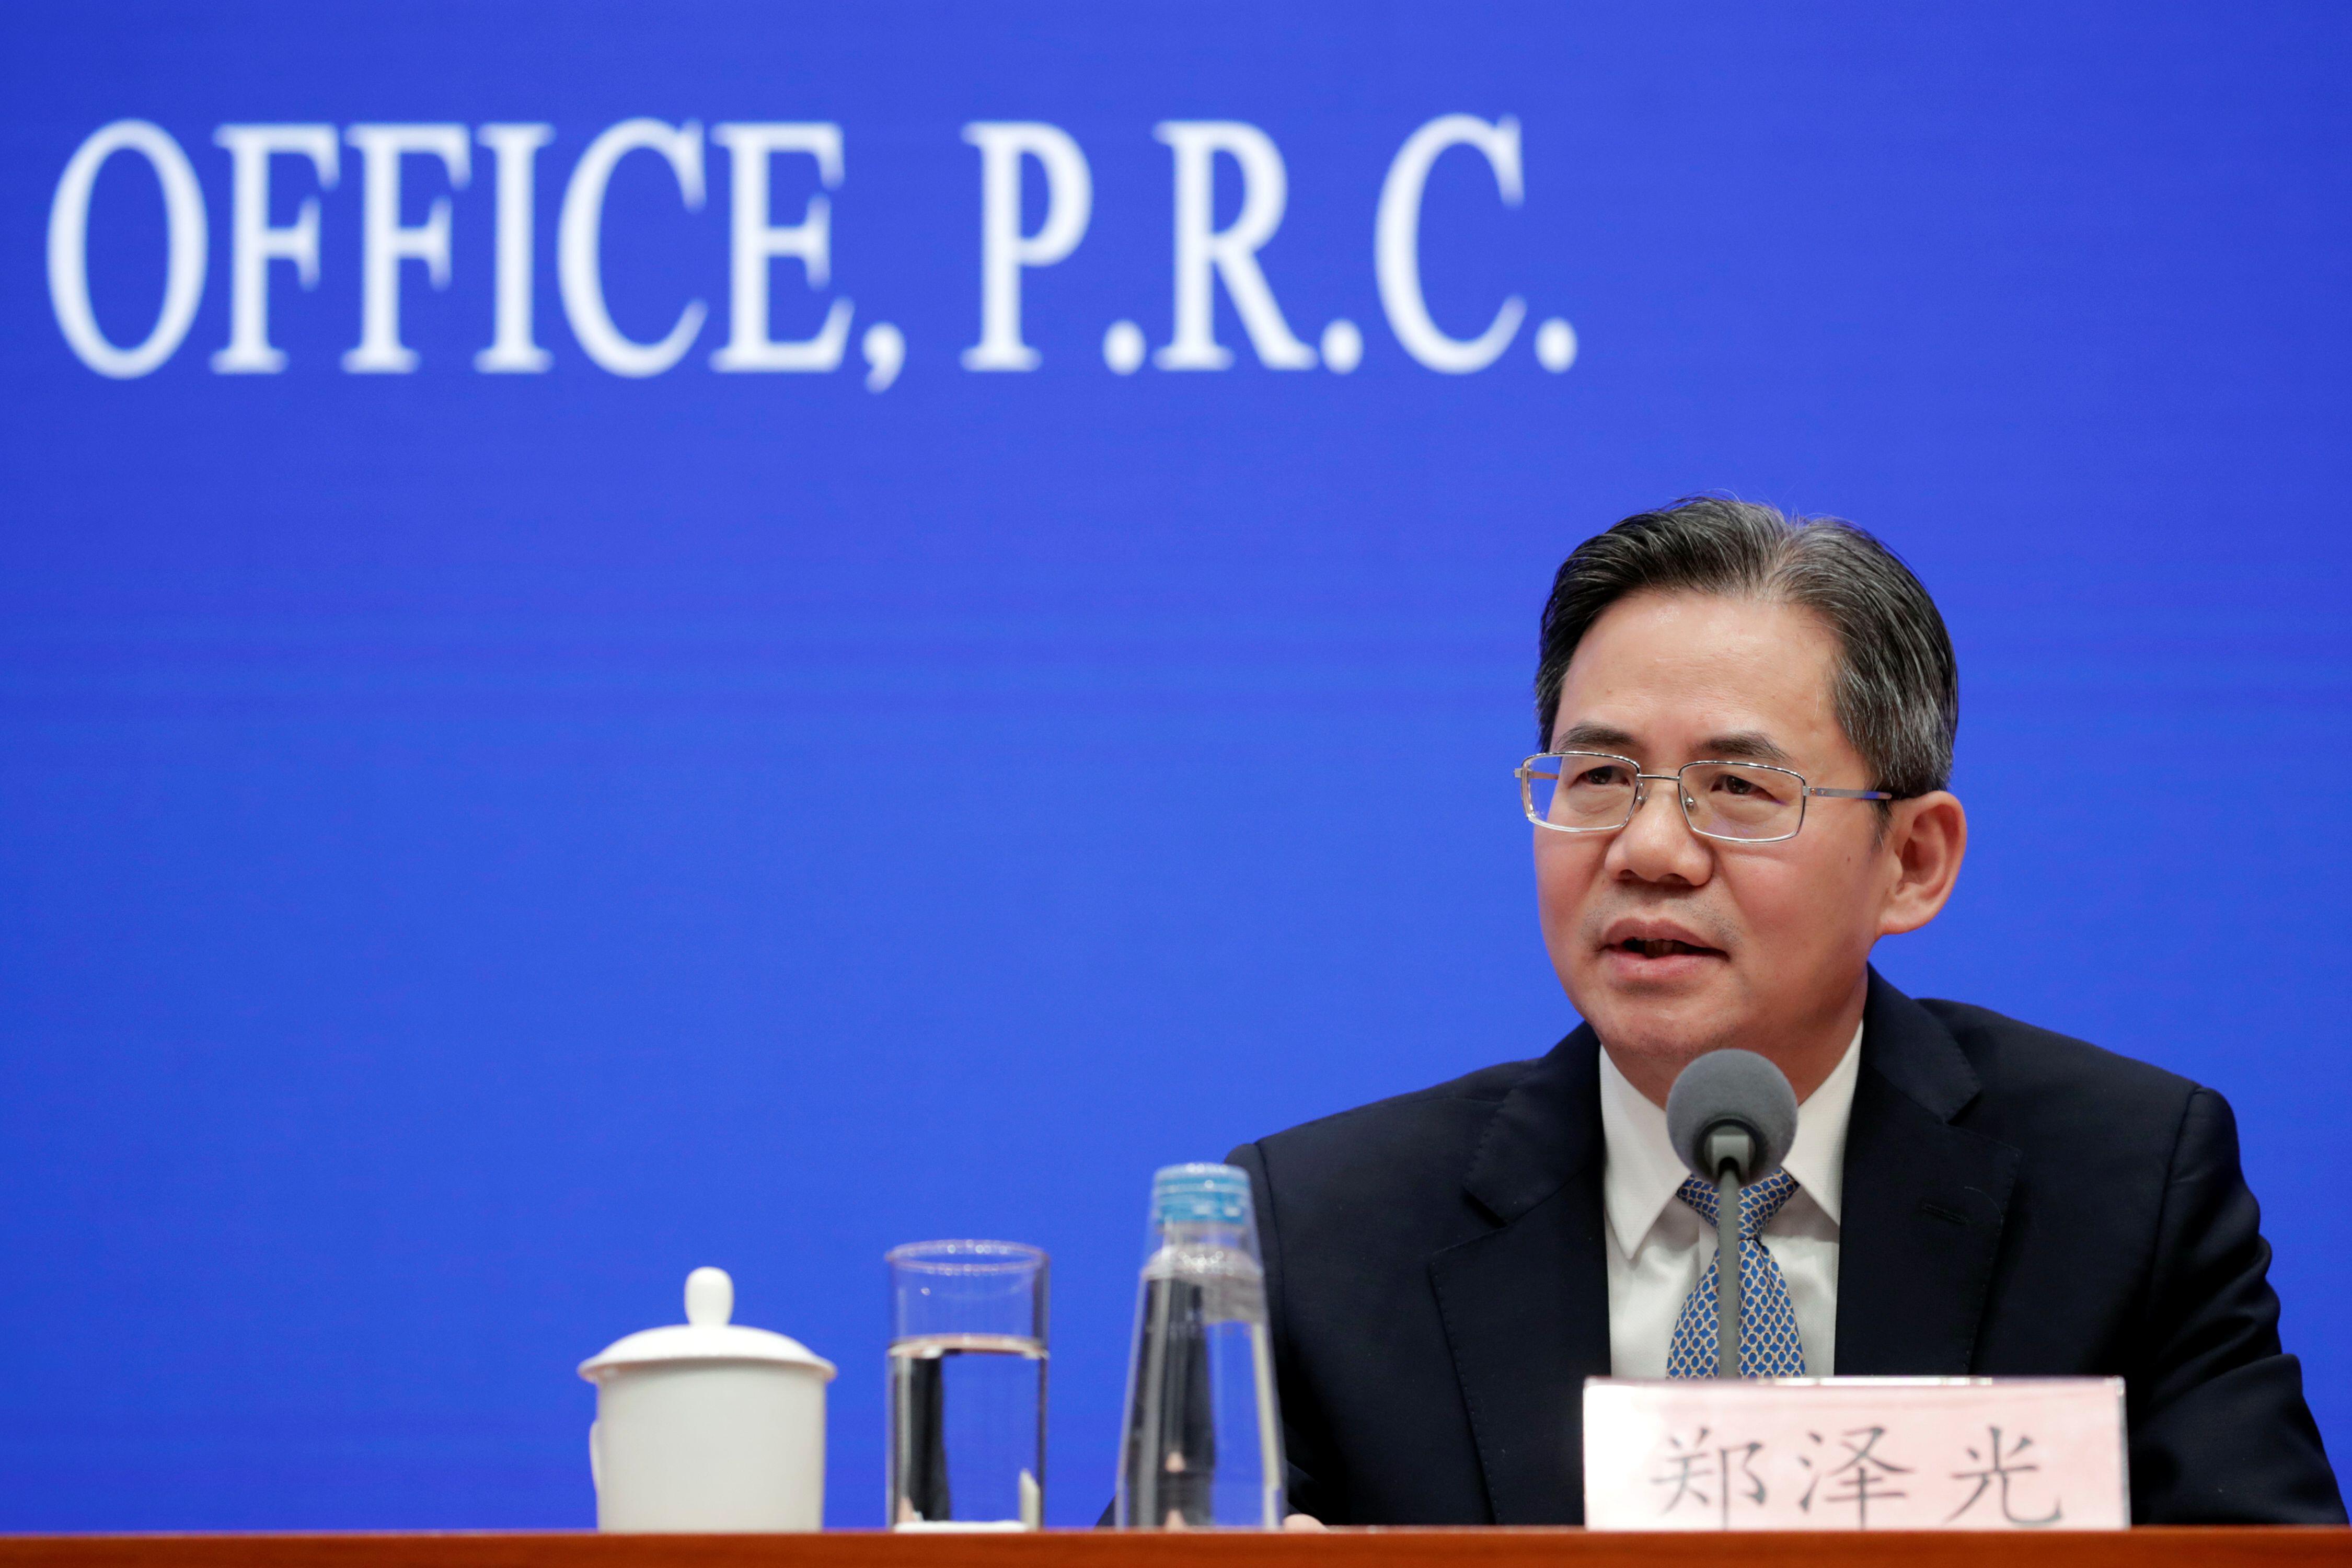 中国新任驻英国大使郑泽光原本应邀周三在议会下院参加一次由跨党派中国小组组织的招待会。-图取自网络-